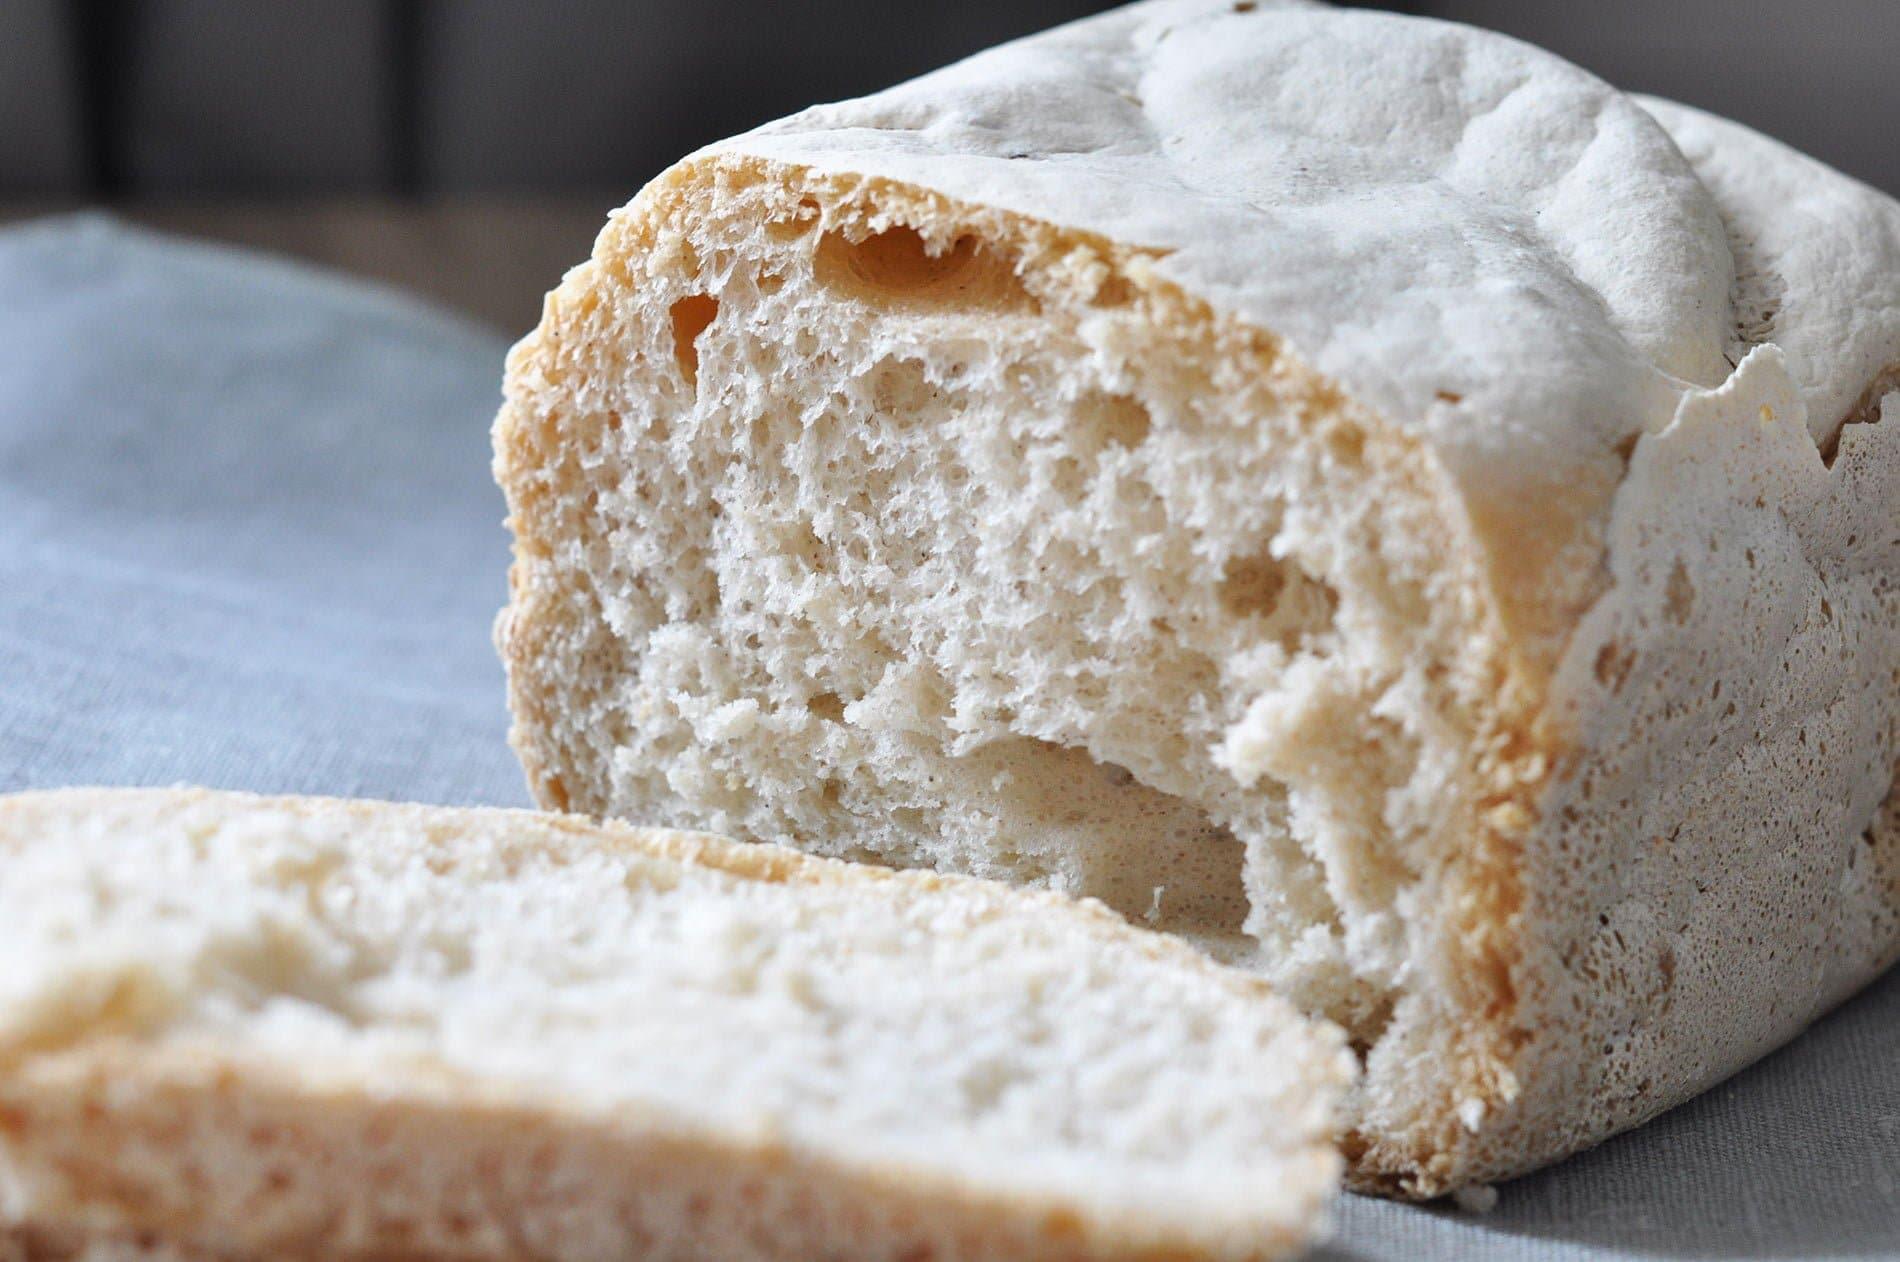 Mon premier pain sans gluten la machine pain sans gluten sans lactose 22 v 39 la scarlett - Faire du pain sans gluten ...